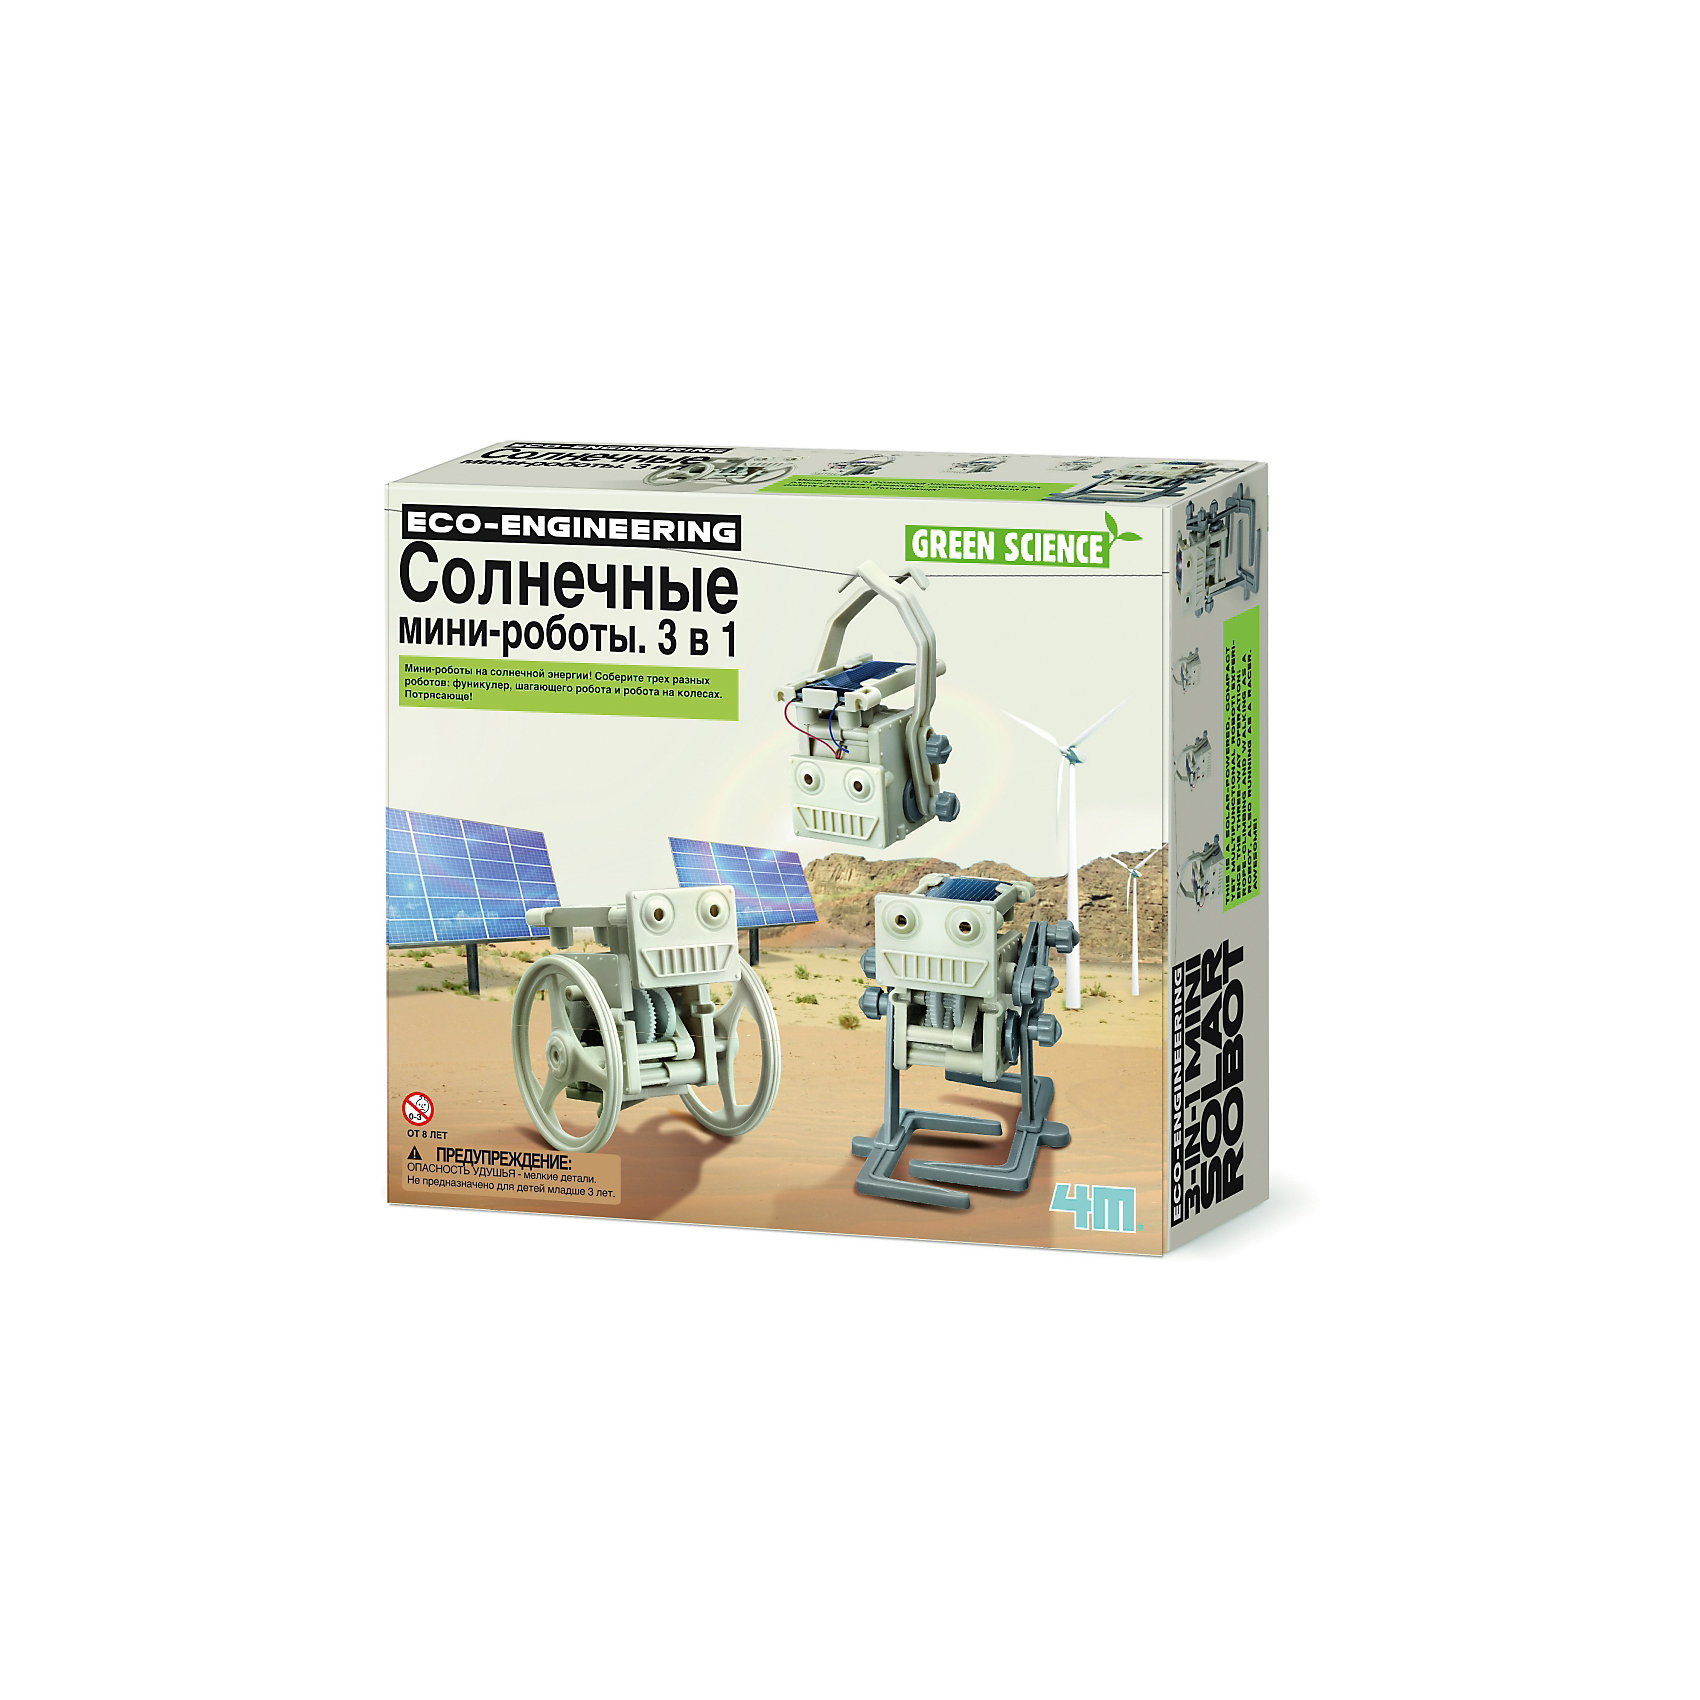 Набор Солнечные мини роботы. 3 в 1Робототехника<br>Набор Солнечные мини роботы. 3 в 1.<br><br>Характеристика: <br><br>• Возраст: от 8 лет<br>• Материал: металл, пластик. <br>• Размер: 6x24х21,5 см.<br>• Комплектация: крючки, стенка механизма, лицевая панель, нижняя панель, колеса, держатель, рычаги, кулачки, ступни, ноги, коннекторы, солнечный механизм, мотор с проводами, солнечная панель, шнур, винты.<br>• Развивает внимание, мелкую моторику, воображение; расширяет кругозор. <br>• В процессе сборки потребуется маленькая крестовая отвертка (не входит в комплект). <br><br>С помощью этого набора ребенок сможет собрать три модели роботов: робота, оснащенного подвижными колесами, робота-фуникулера и шагающего робота. Все детали набора изготовлены из высококачественных прочных материалов безопасных для детей. Следуя простой и понятной инструкции ребенок самостоятельно сможет создать этих удивительных роботов. <br>Конструирование - прекрасный вид творческой работы, в процессе которой хорошо развивается внимание, моторику рук, мышление, фантазия. <br><br>Набор Солнечные мини роботы. 3 в 1 можно купить в нашем интернет-магазине.<br><br>Ширина мм: 215<br>Глубина мм: 240<br>Высота мм: 60<br>Вес г: 301<br>Возраст от месяцев: 96<br>Возраст до месяцев: 2147483647<br>Пол: Унисекс<br>Возраст: Детский<br>SKU: 5487898